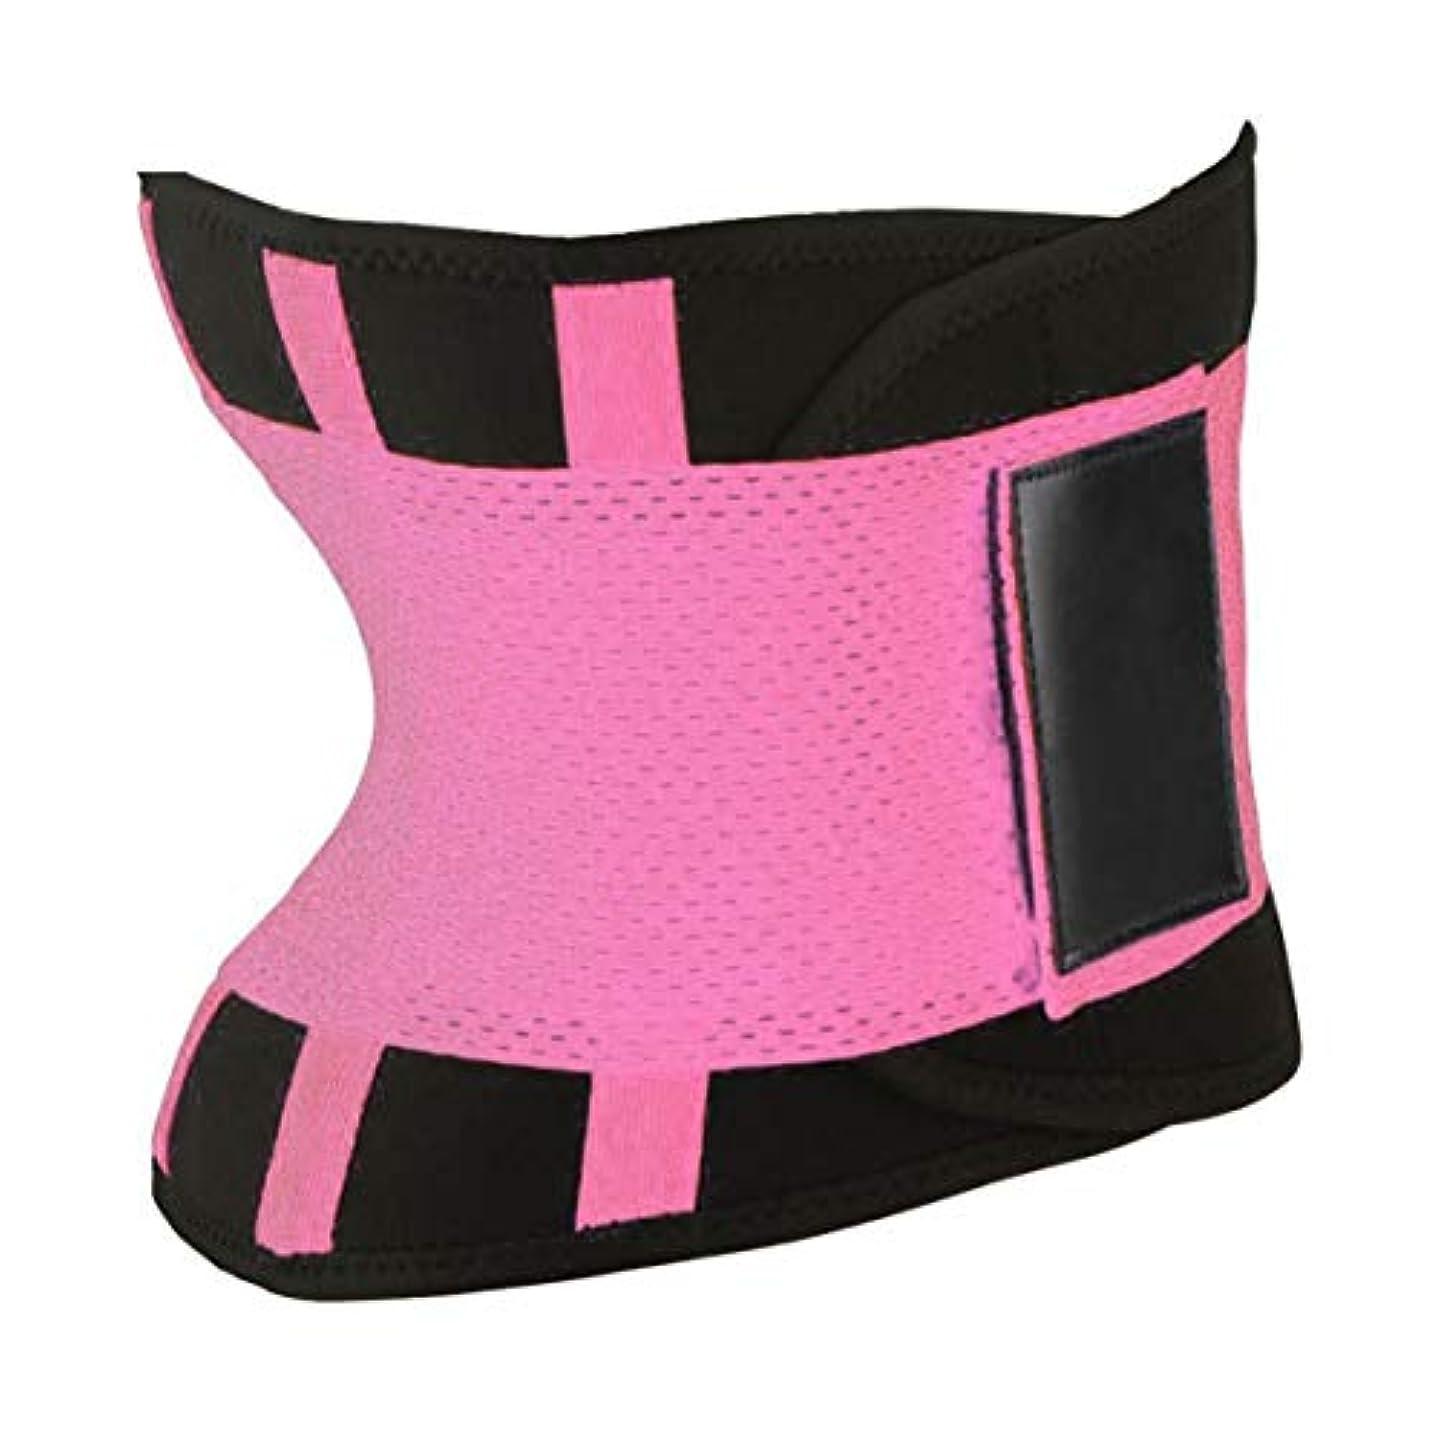 マルコポーロ受信意識的快適な女性ボディシェイパー痩身シェイパーベルトスポーツ女性ウエストトレーナーニッパー制御バーニングボディおなかベルト - ピンク2xl